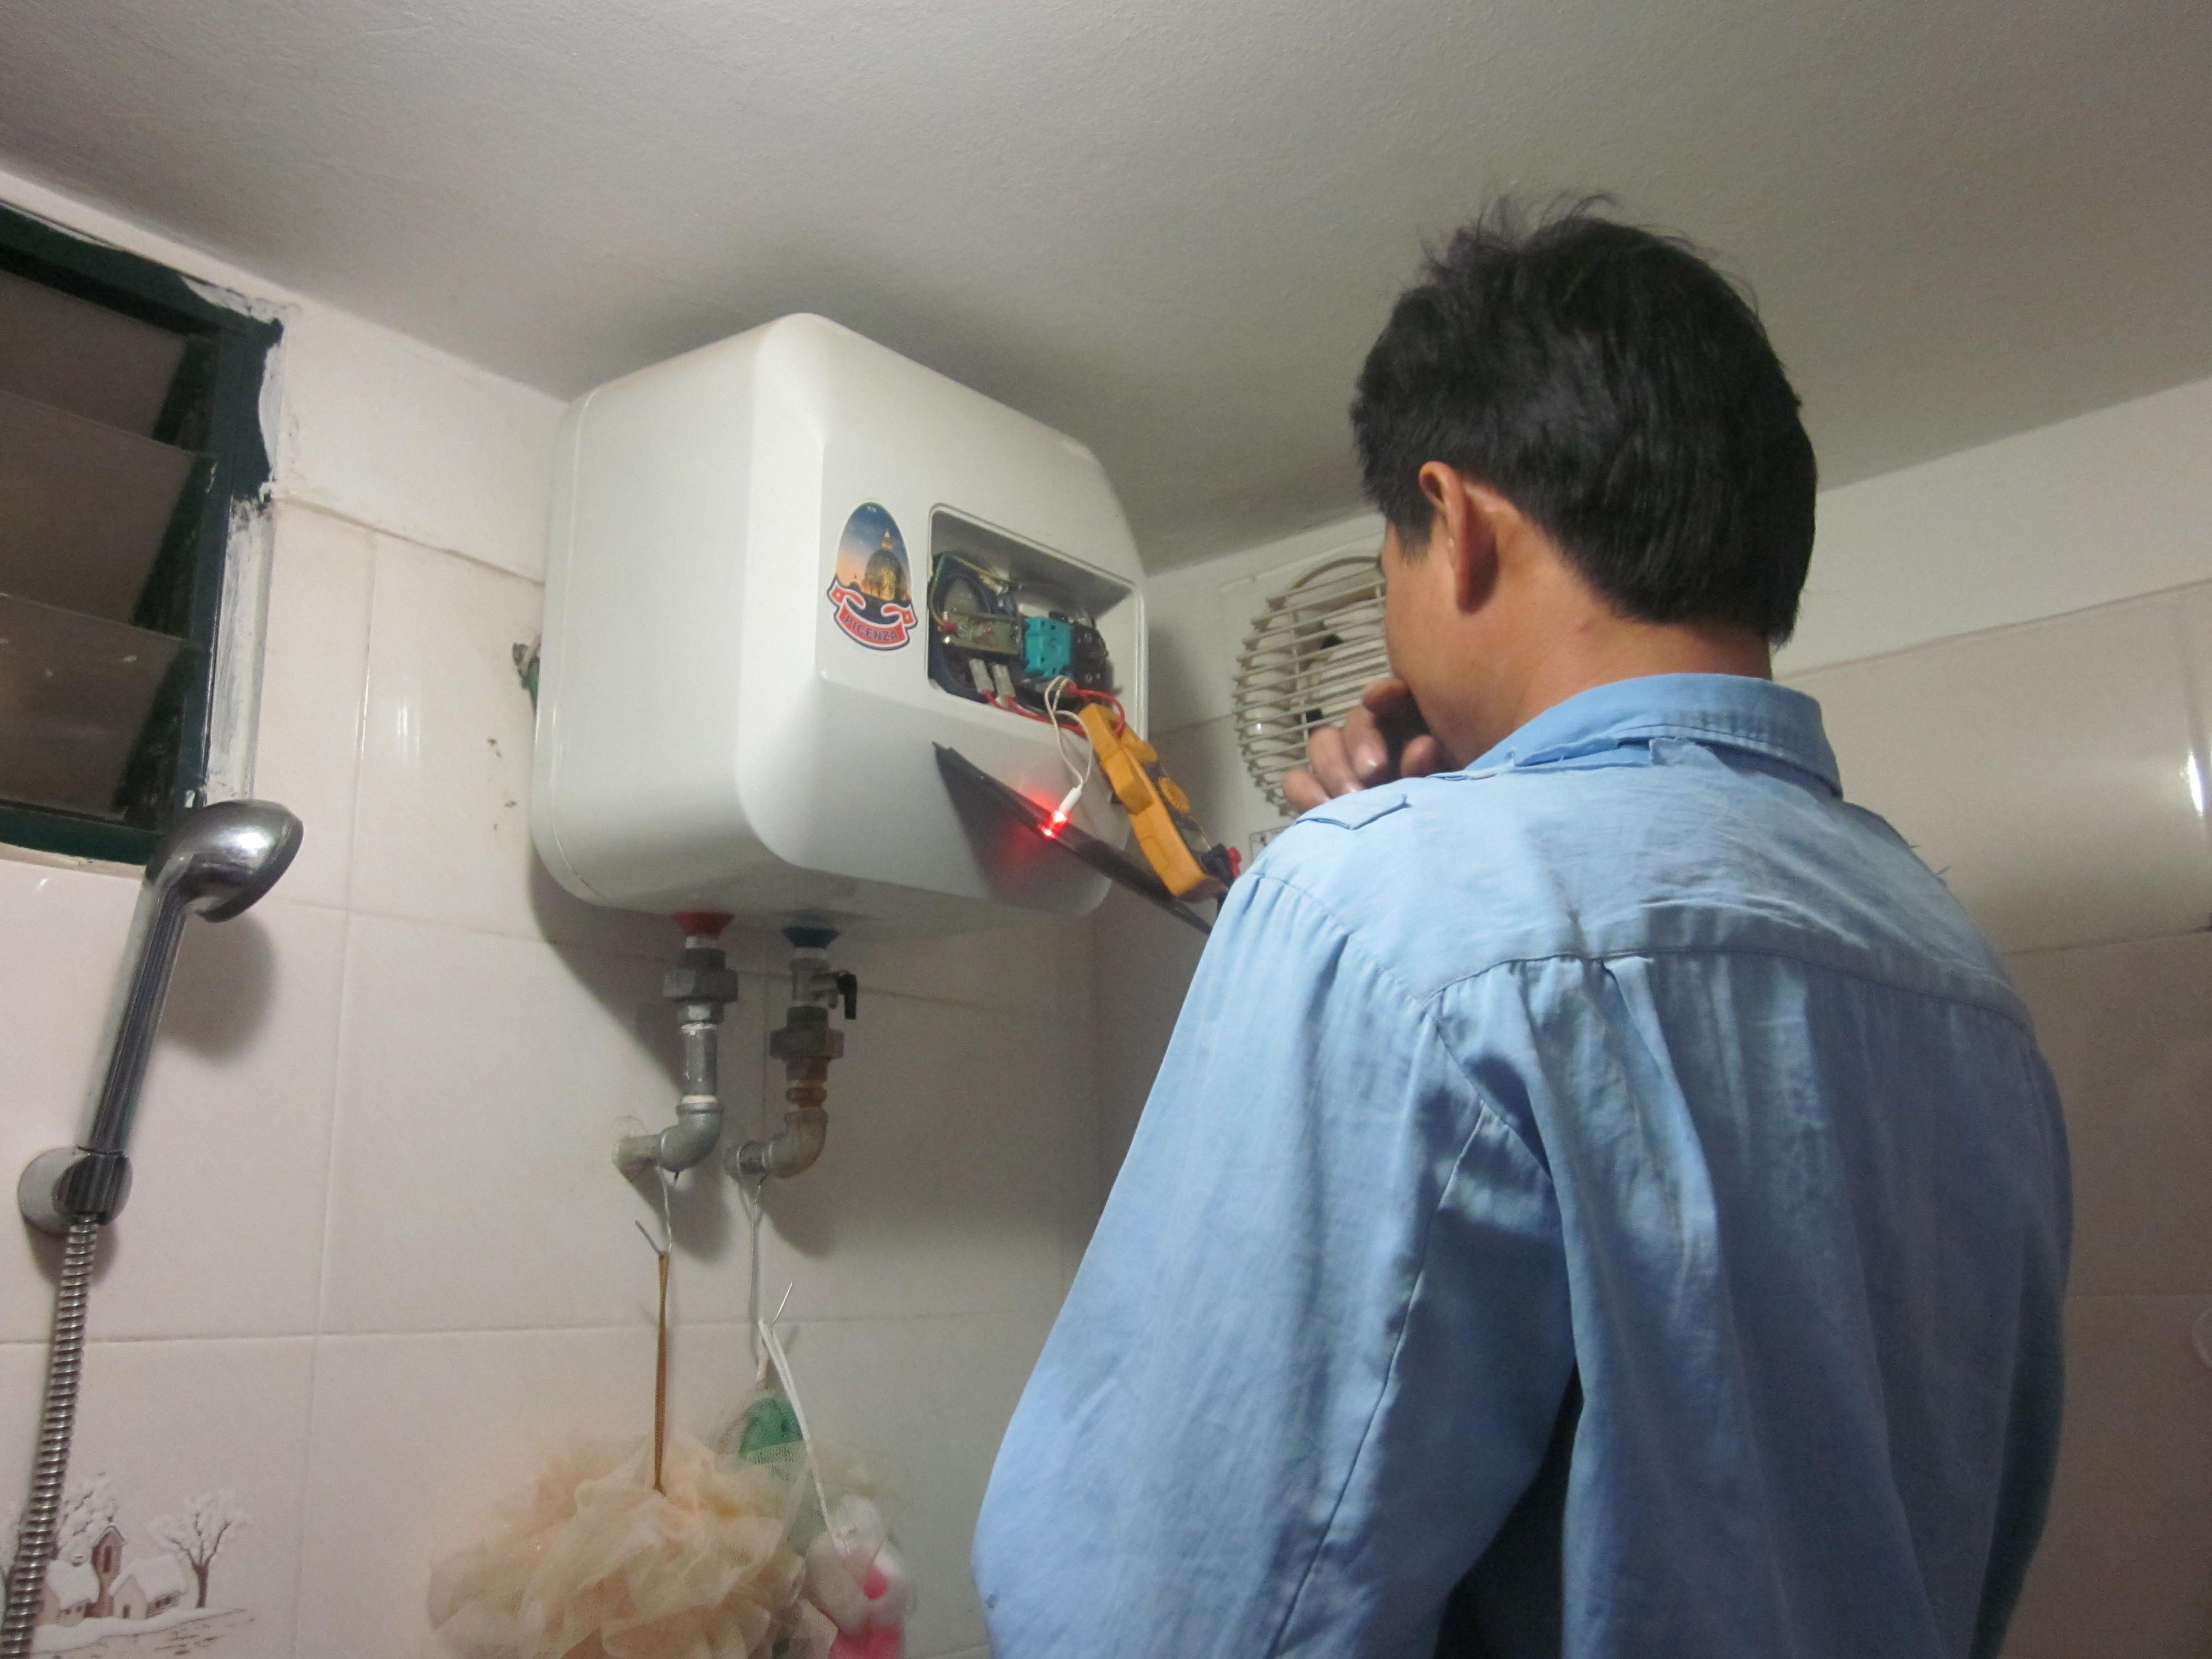 sửa bình nóng lạnh ariston tại hà nội | Trung tâm sửa chữa điện ...